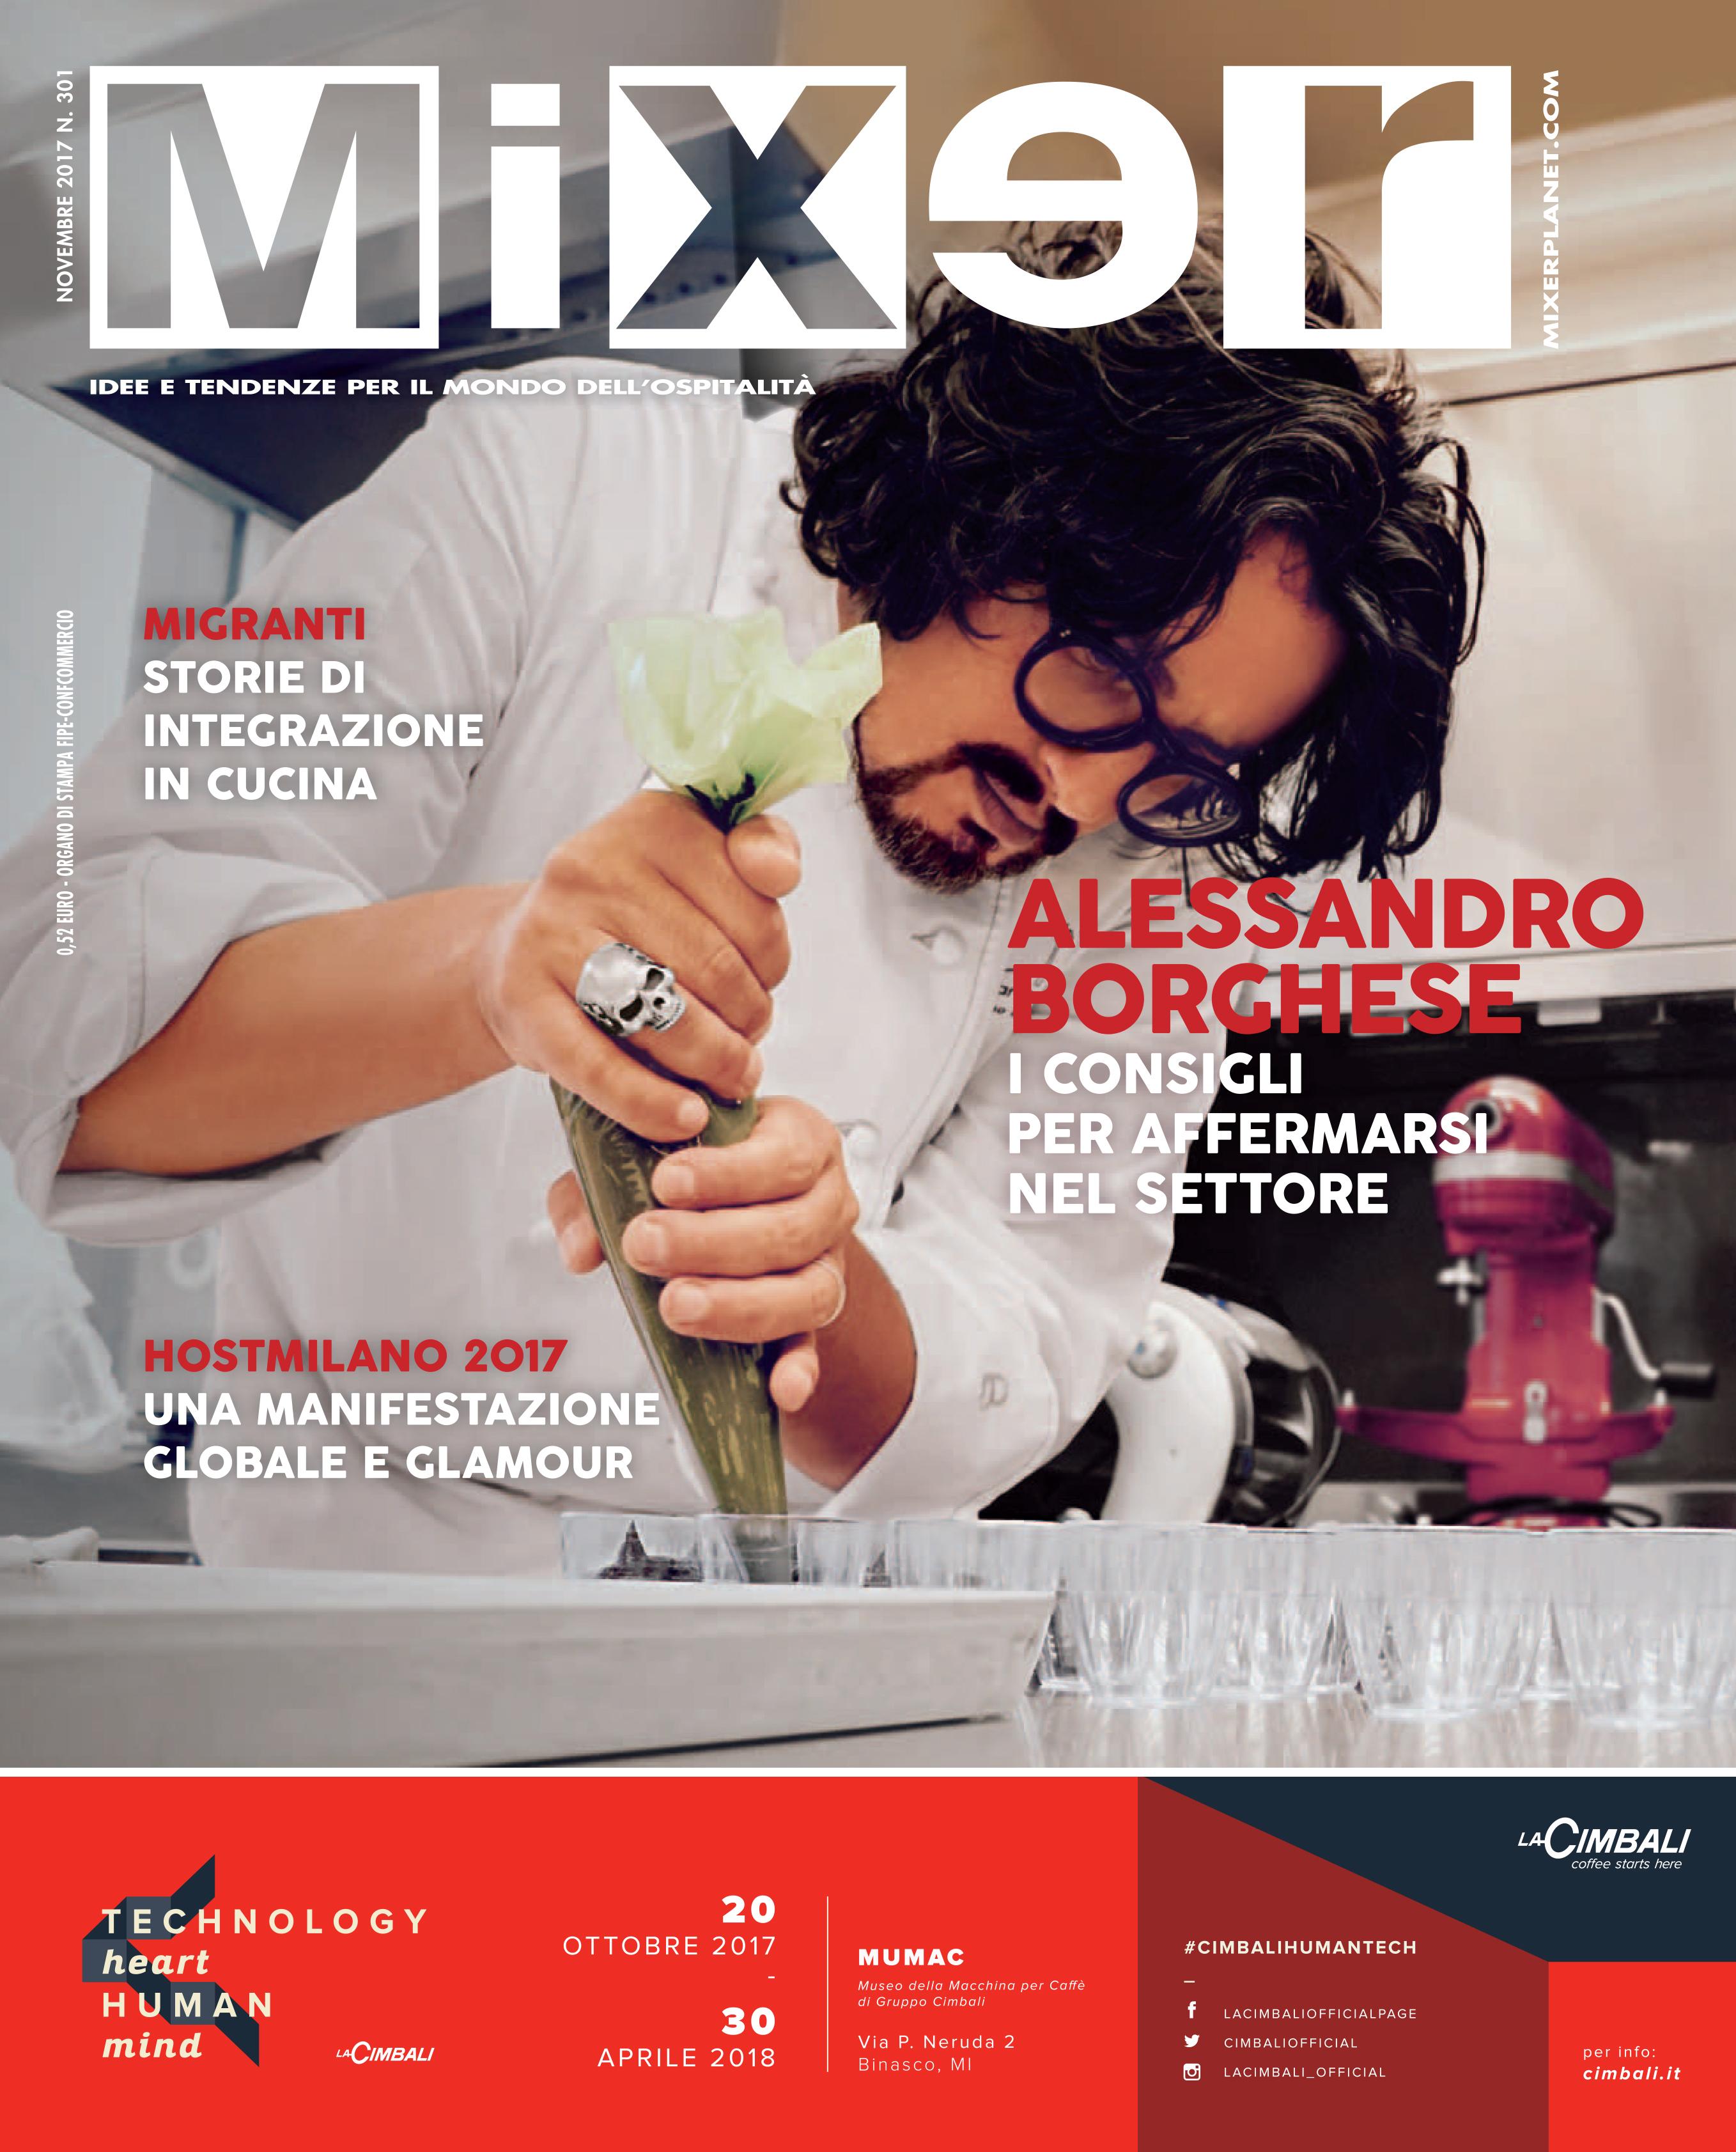 Mixer_Planet_fabio_camboni_fiori_nei_cocktail_e_profumi